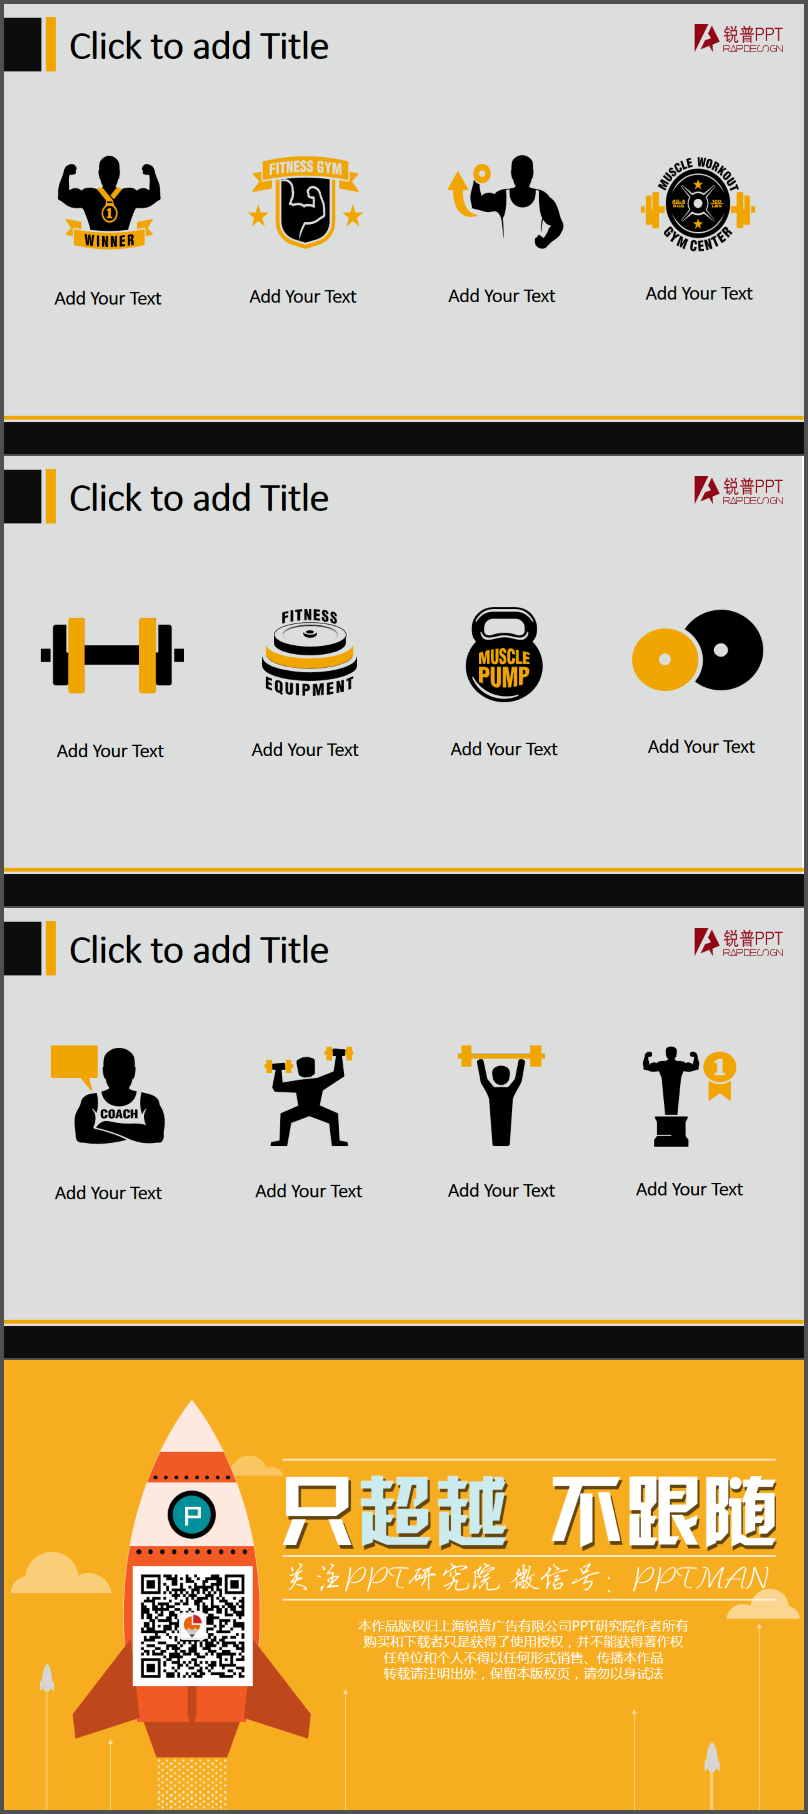 黄黑色/健身运动/体育/冠军/ppt图标/素材